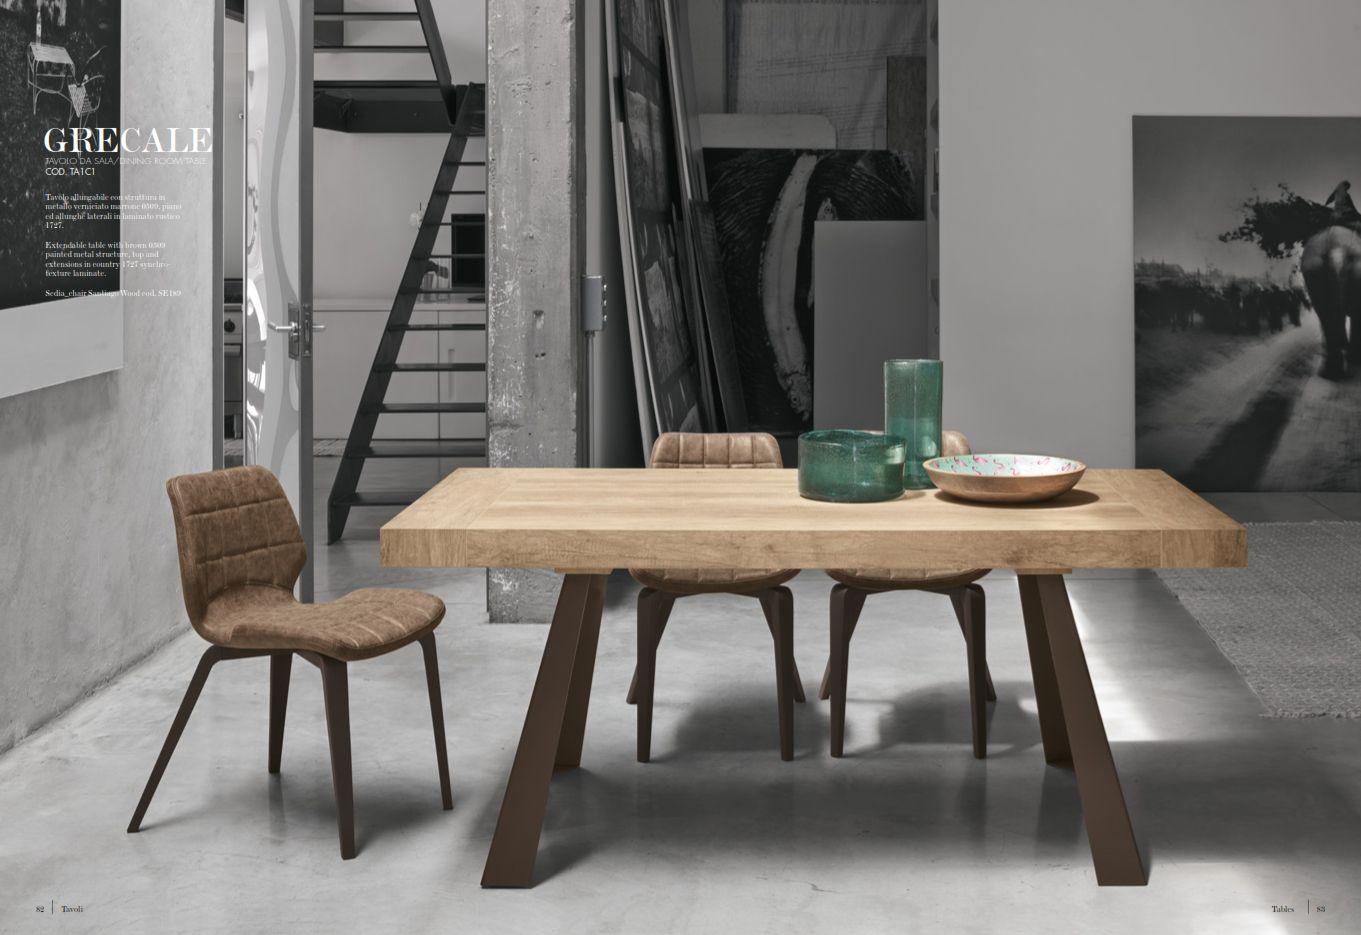 Esszimmerstühle - Esstisch Target Point Serie GrecaleDie Möbel aus ...